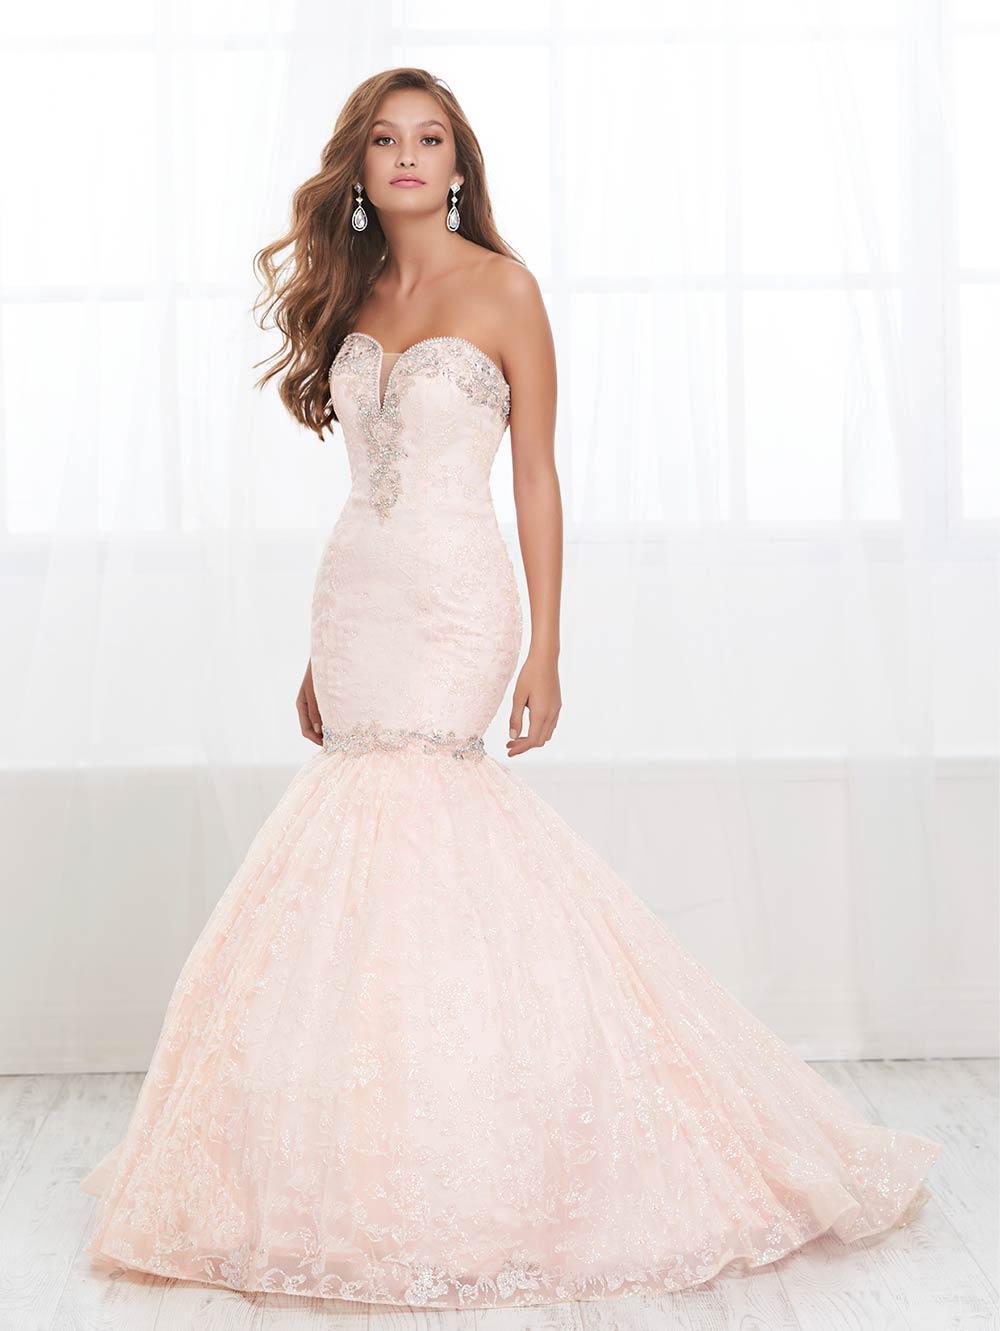 prom-dresses-jacquelin-bridals-canada-27670